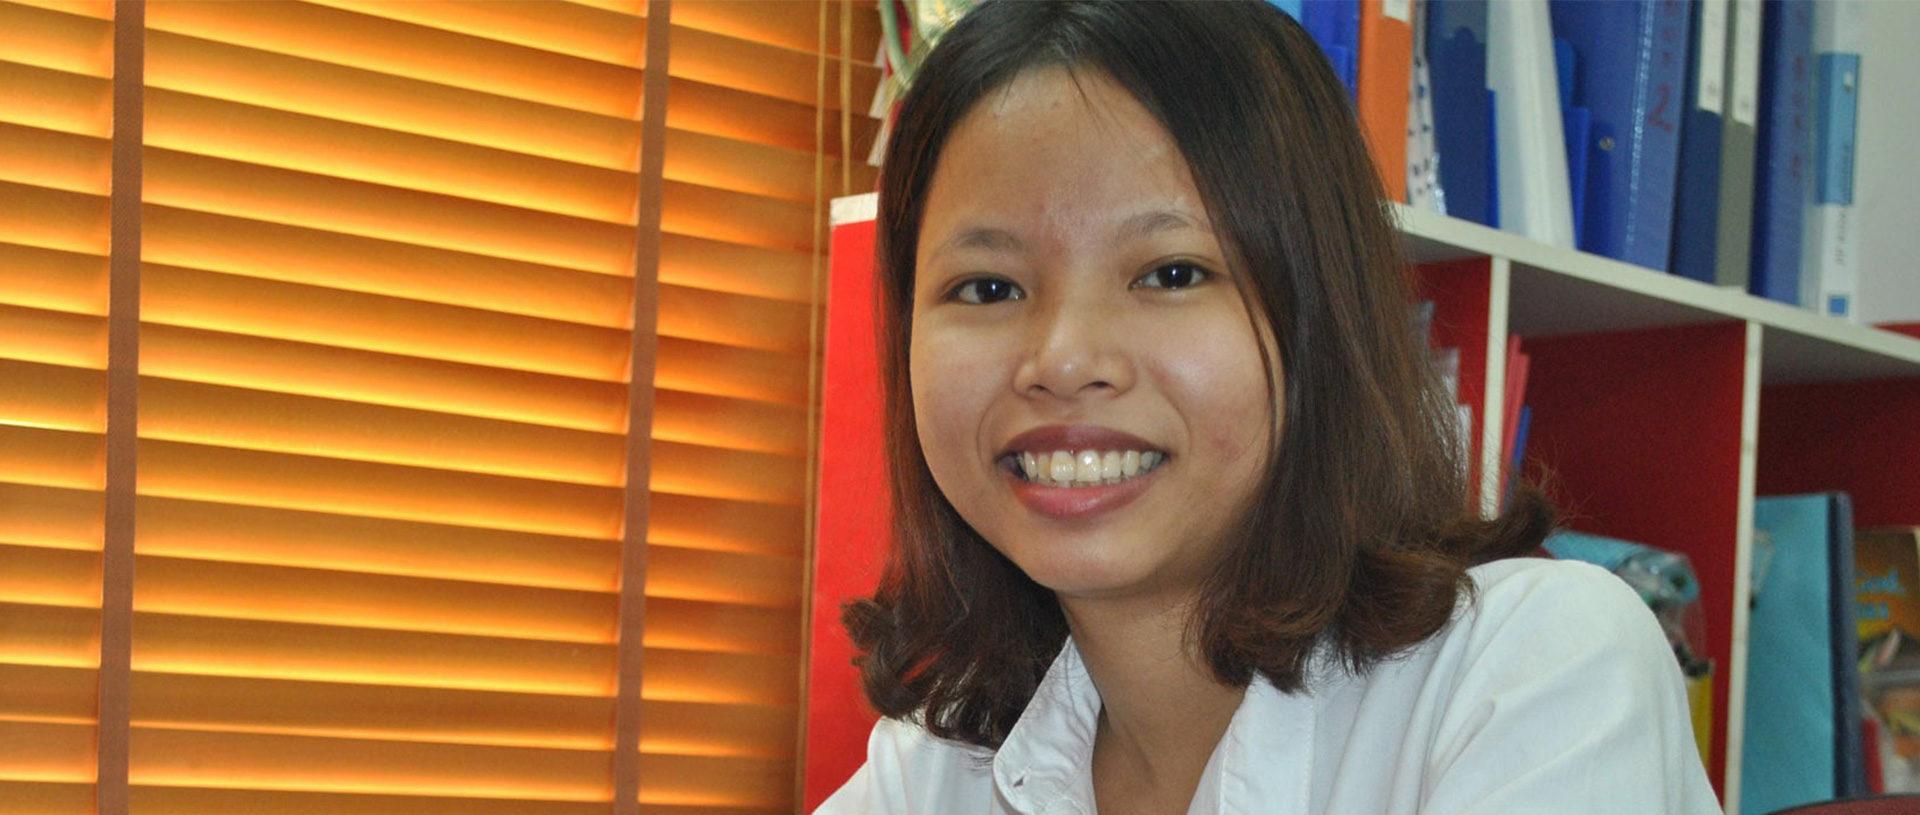 Hien finds Victory in Vietnam banner